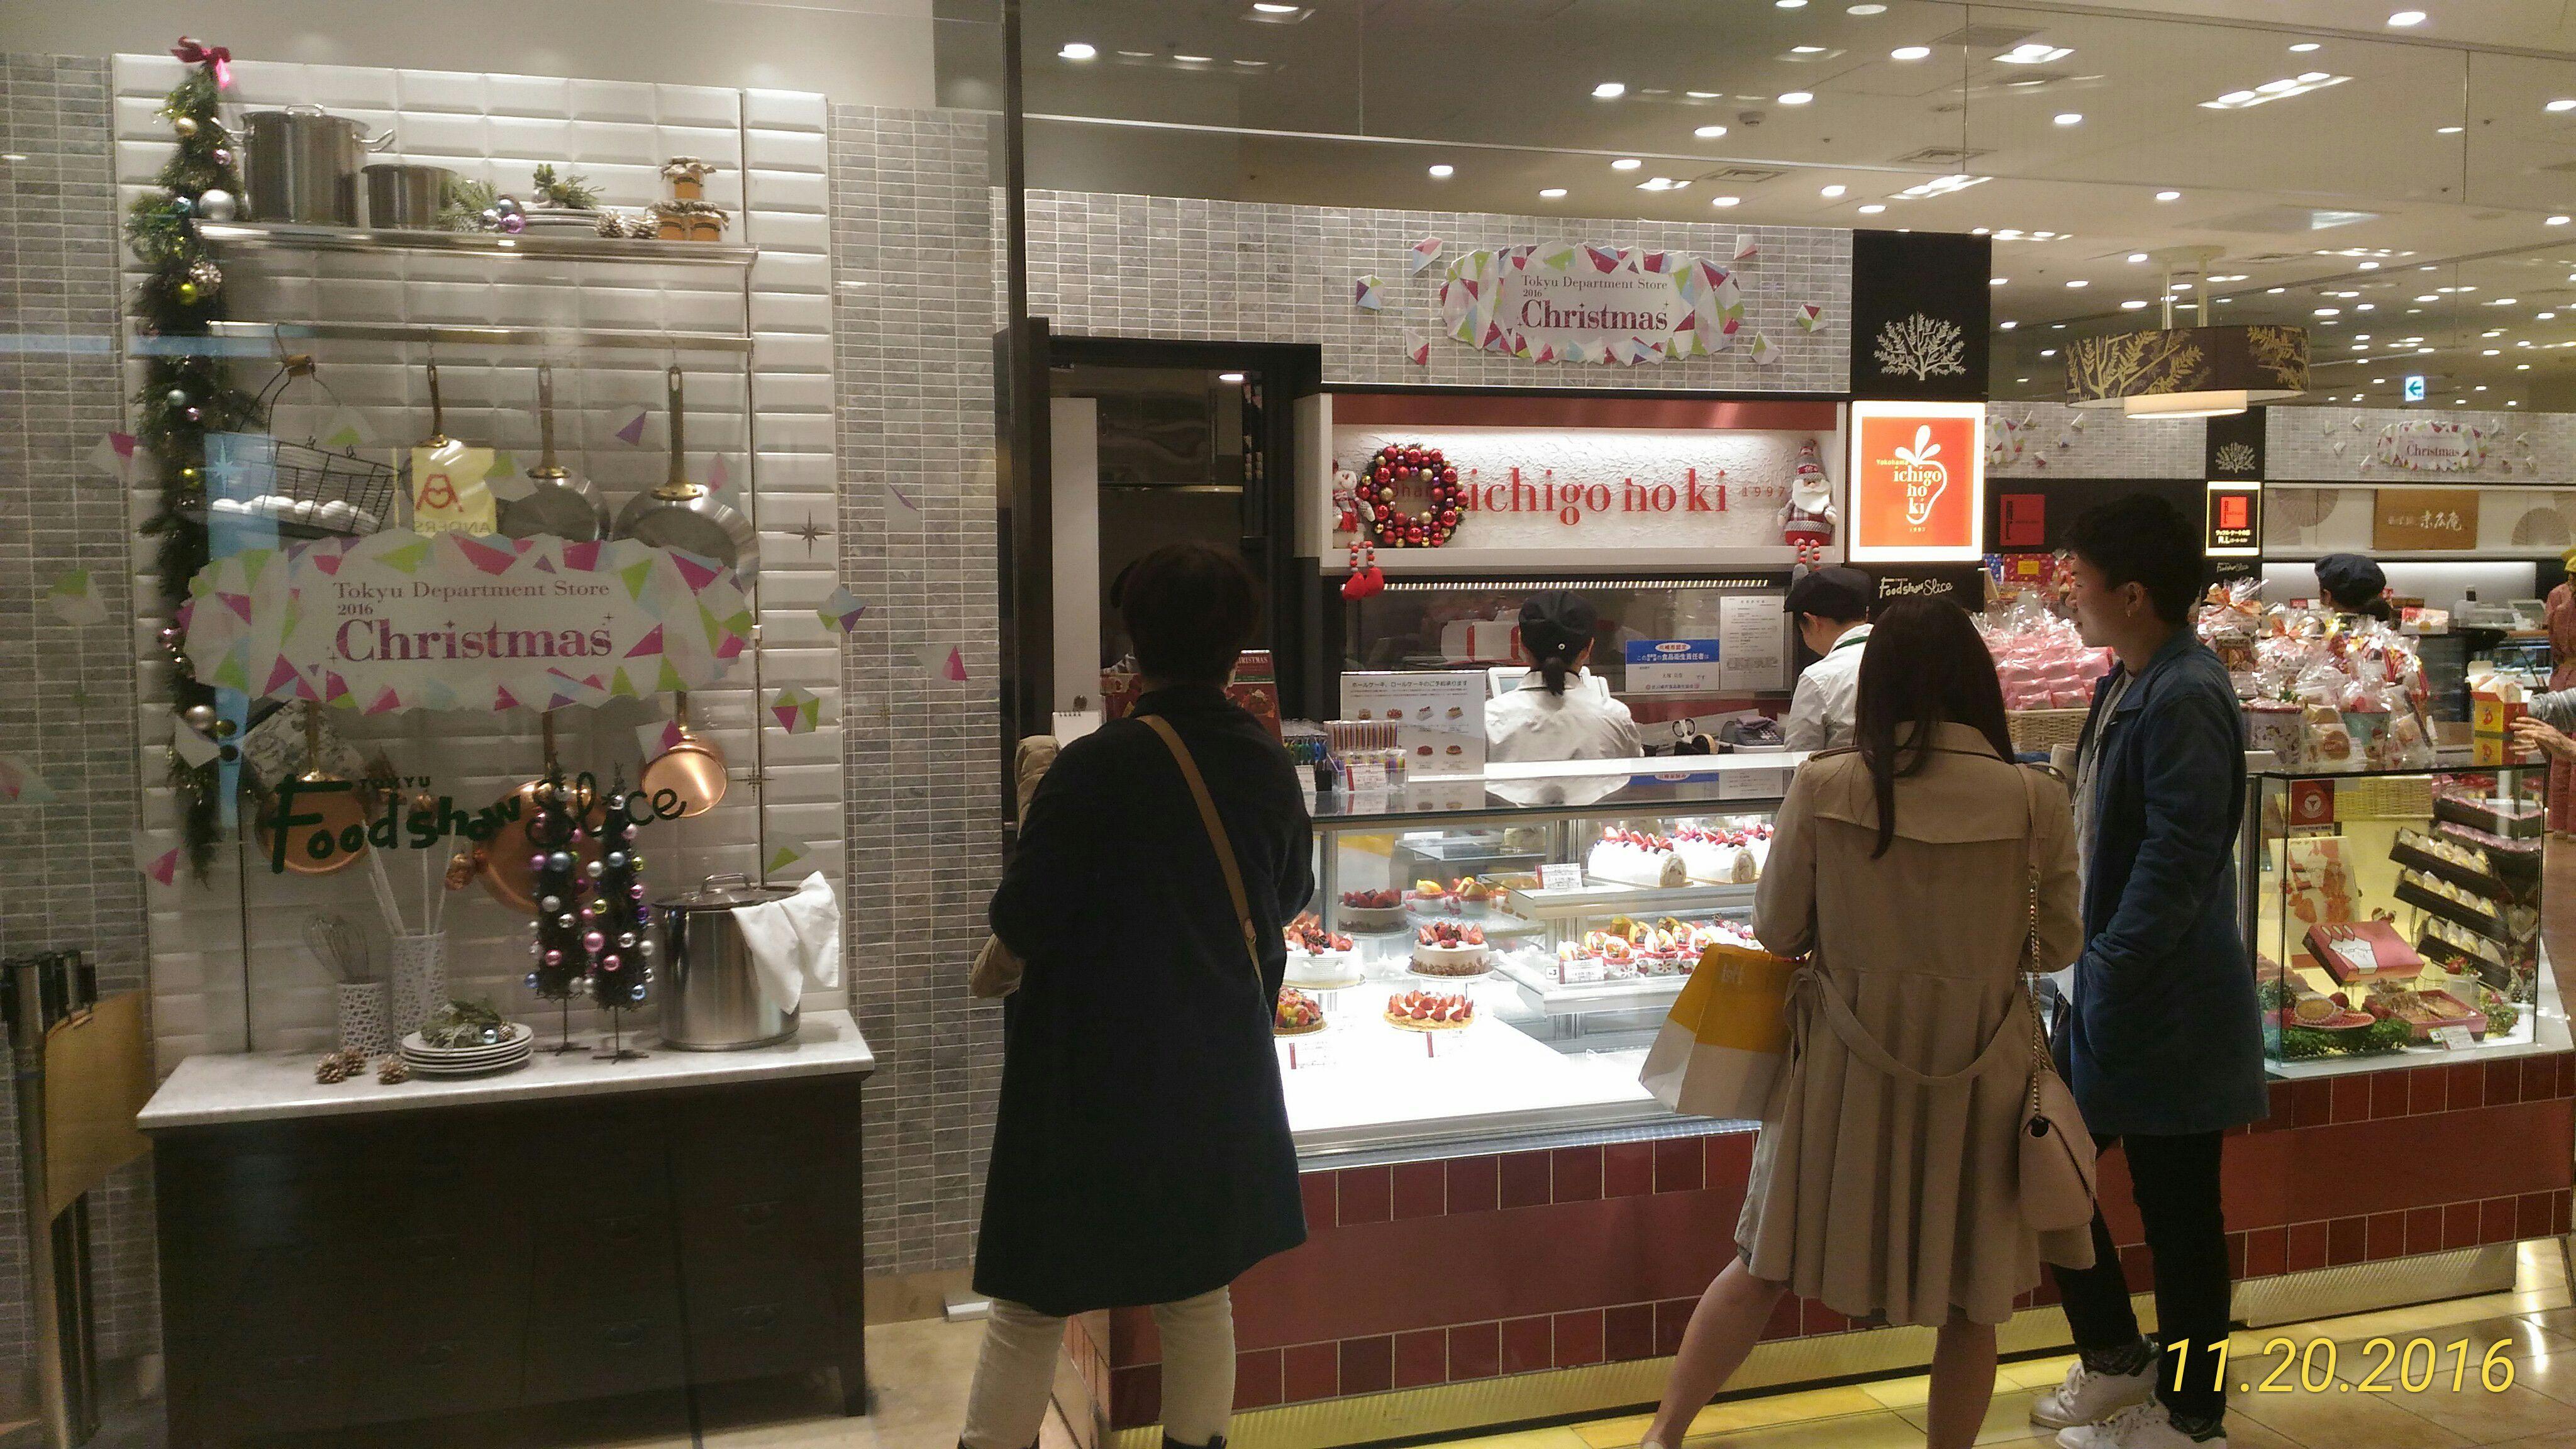 クリスマスケーキ予約?それとも当日買いに行く?川崎近辺